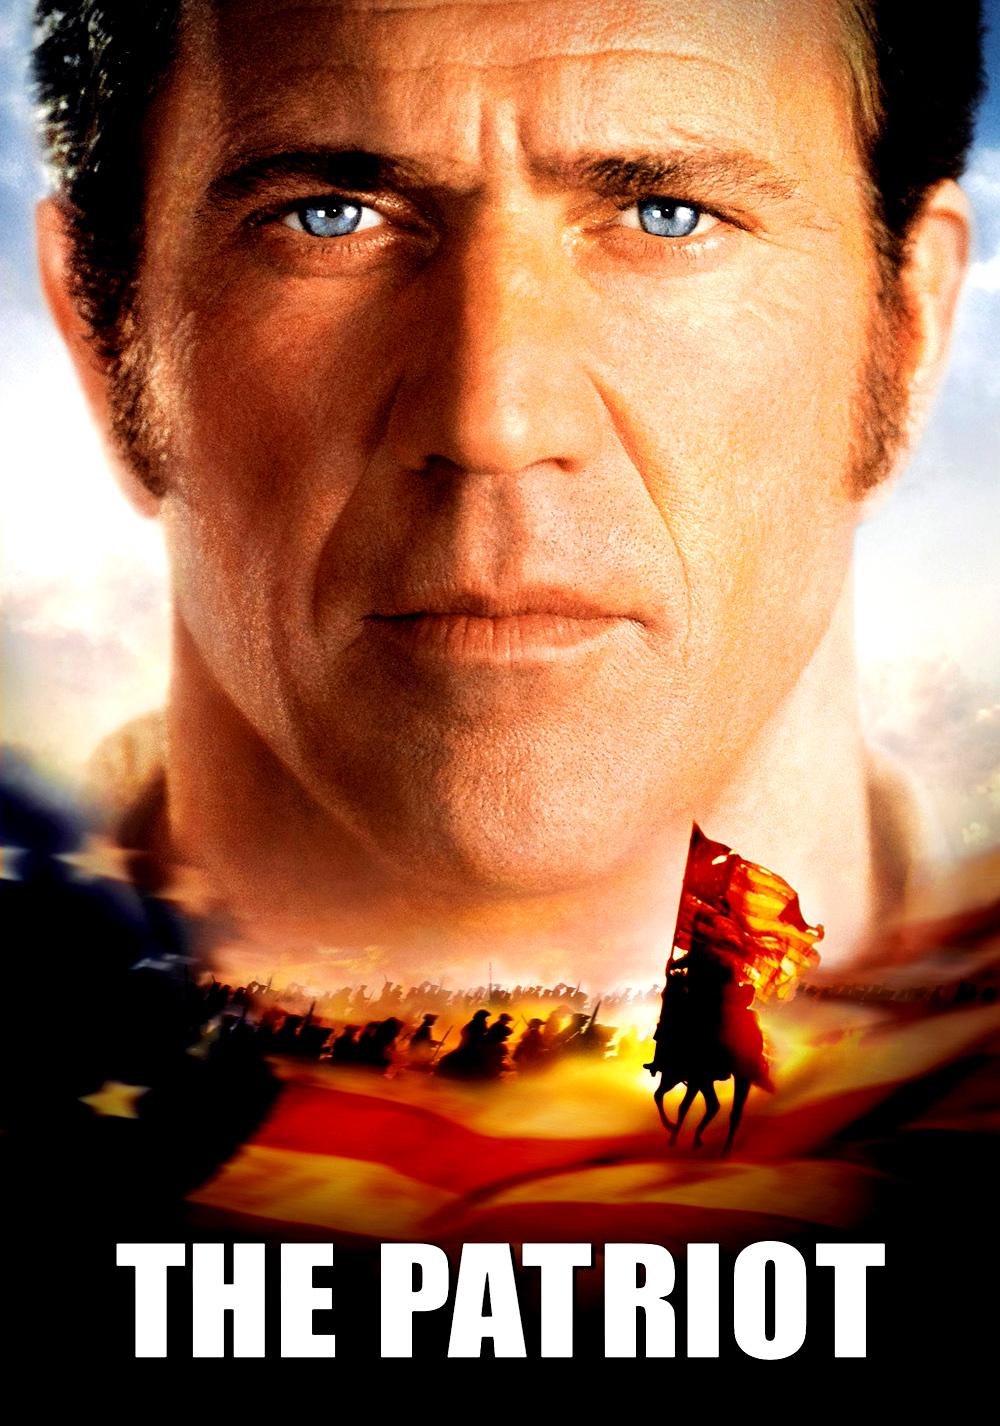 The Patriot : Movie fanart : fanart.tv